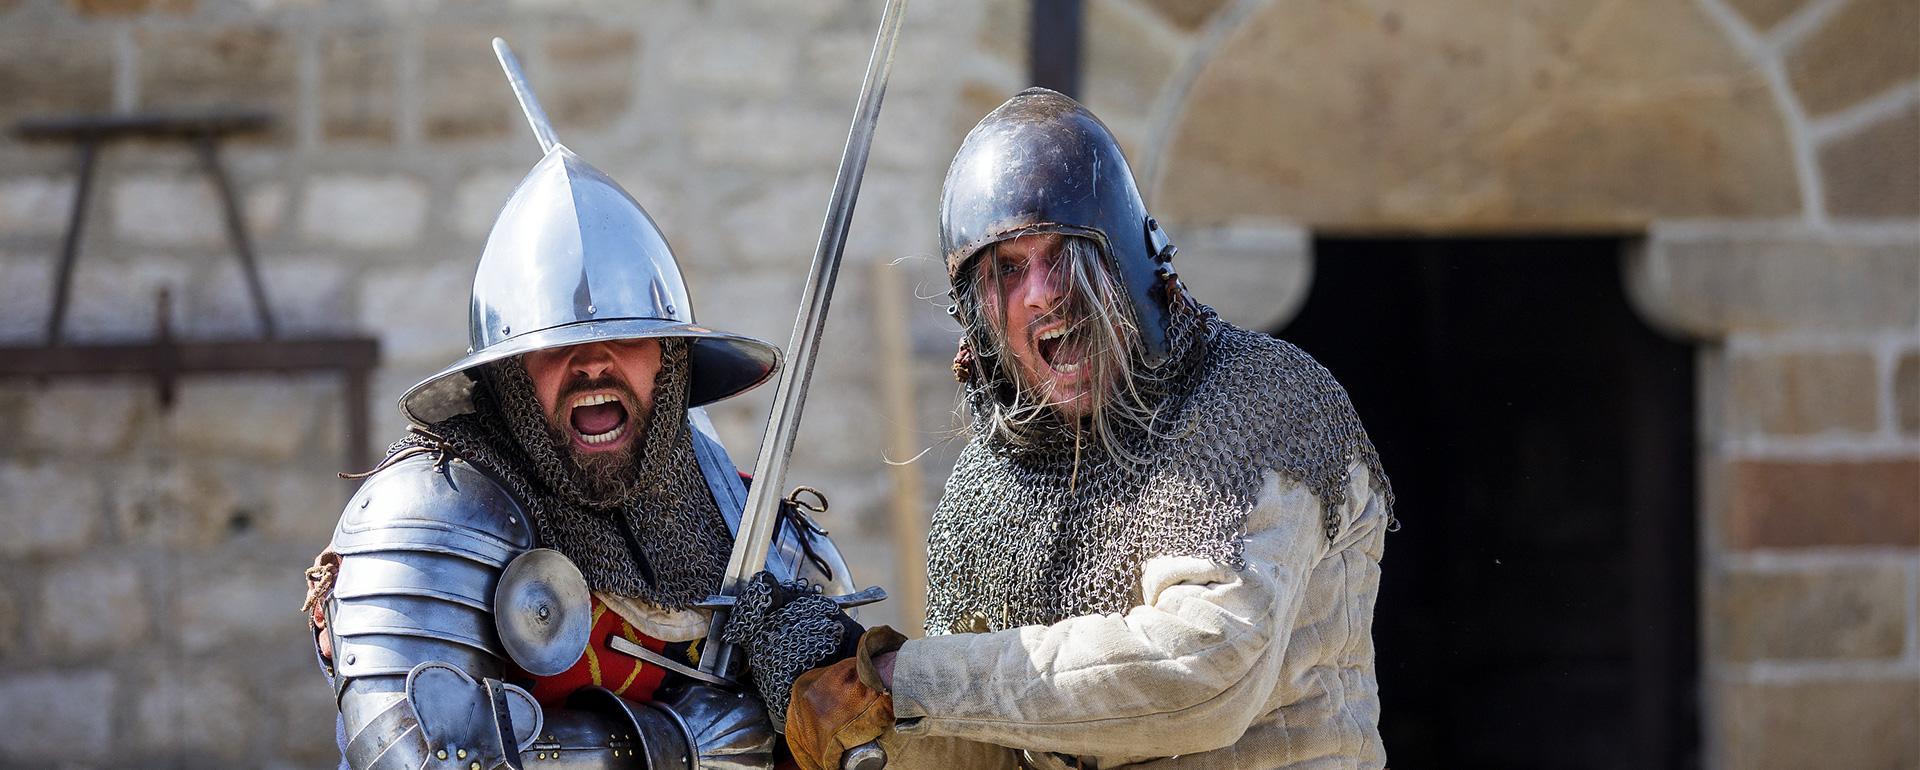 Chevaliers au château de Foix